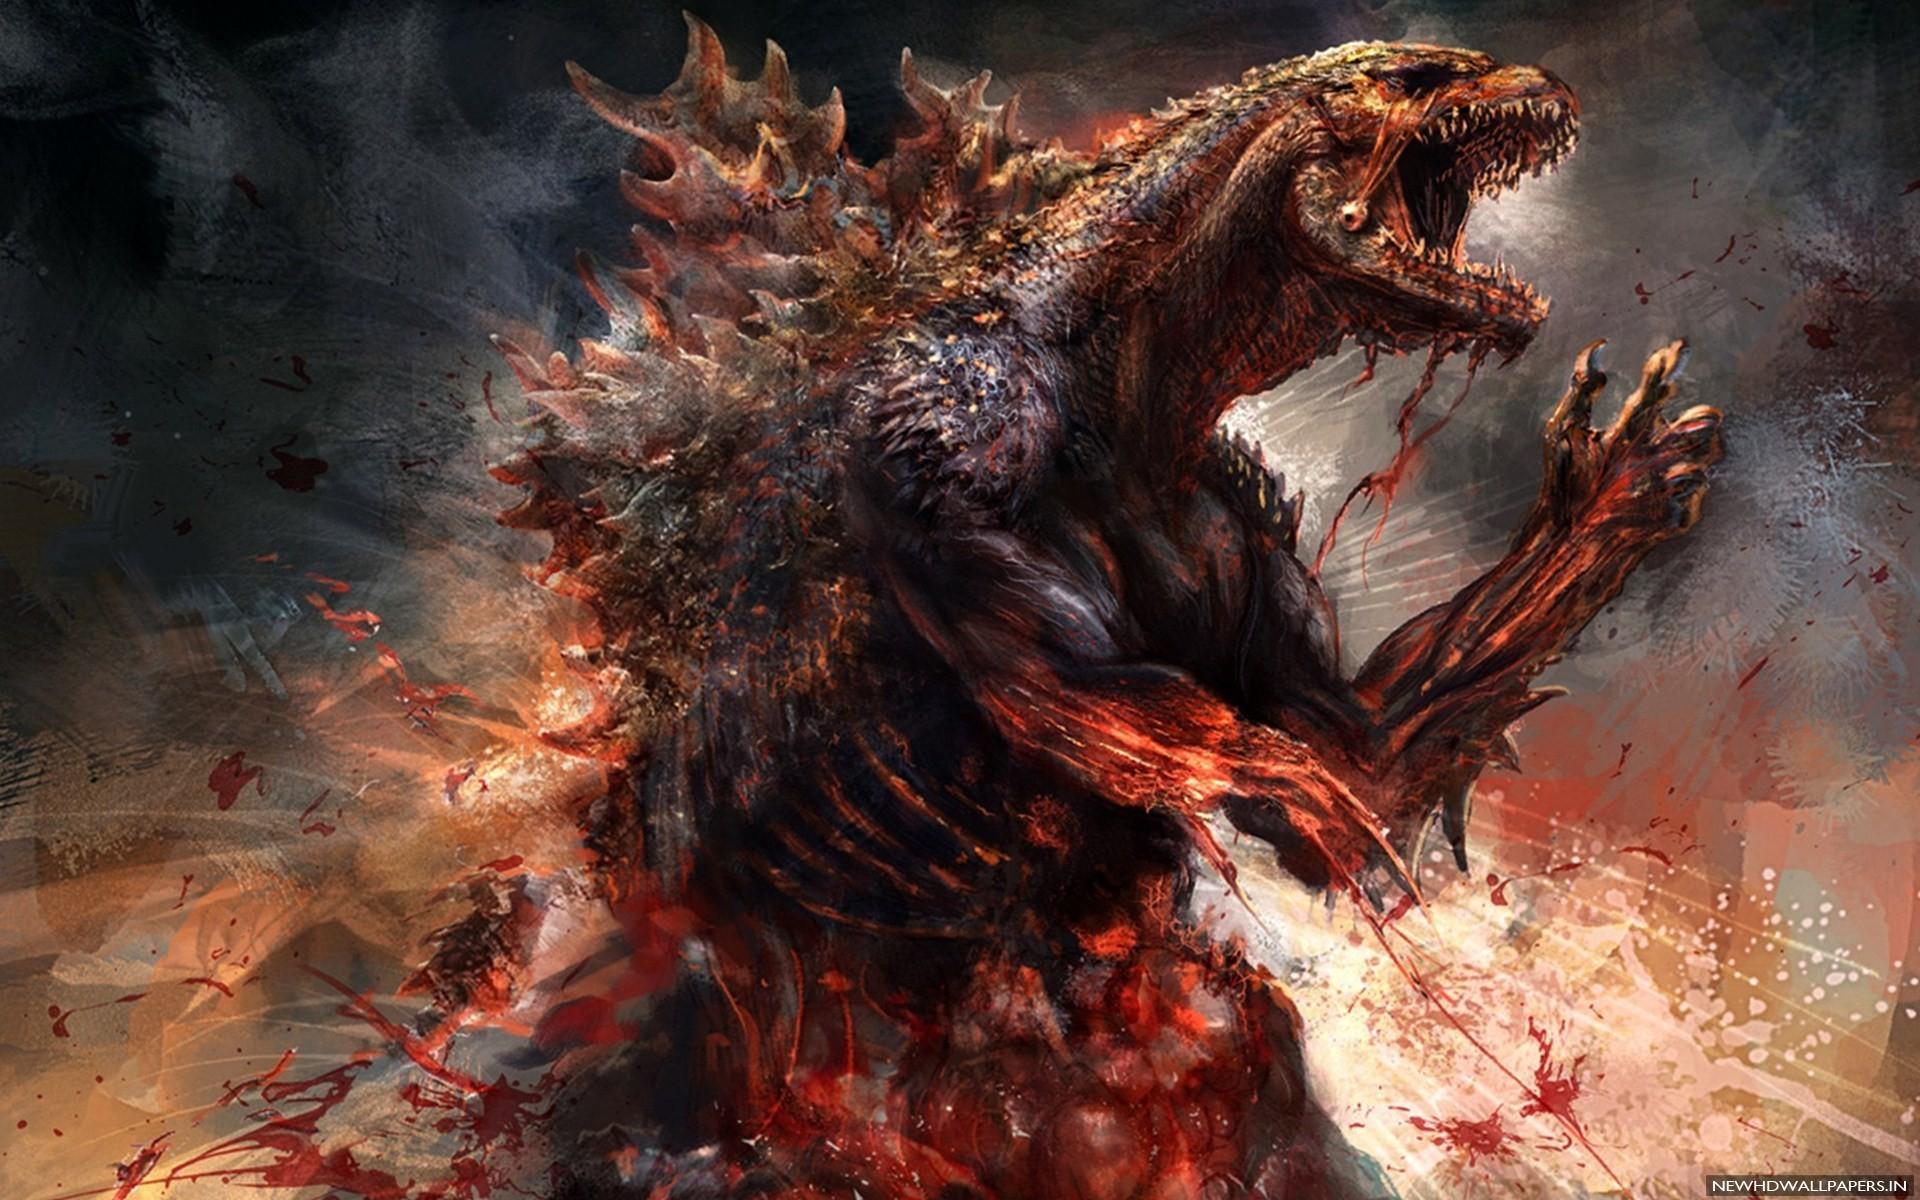 Godzilla Wallpaper Imgur